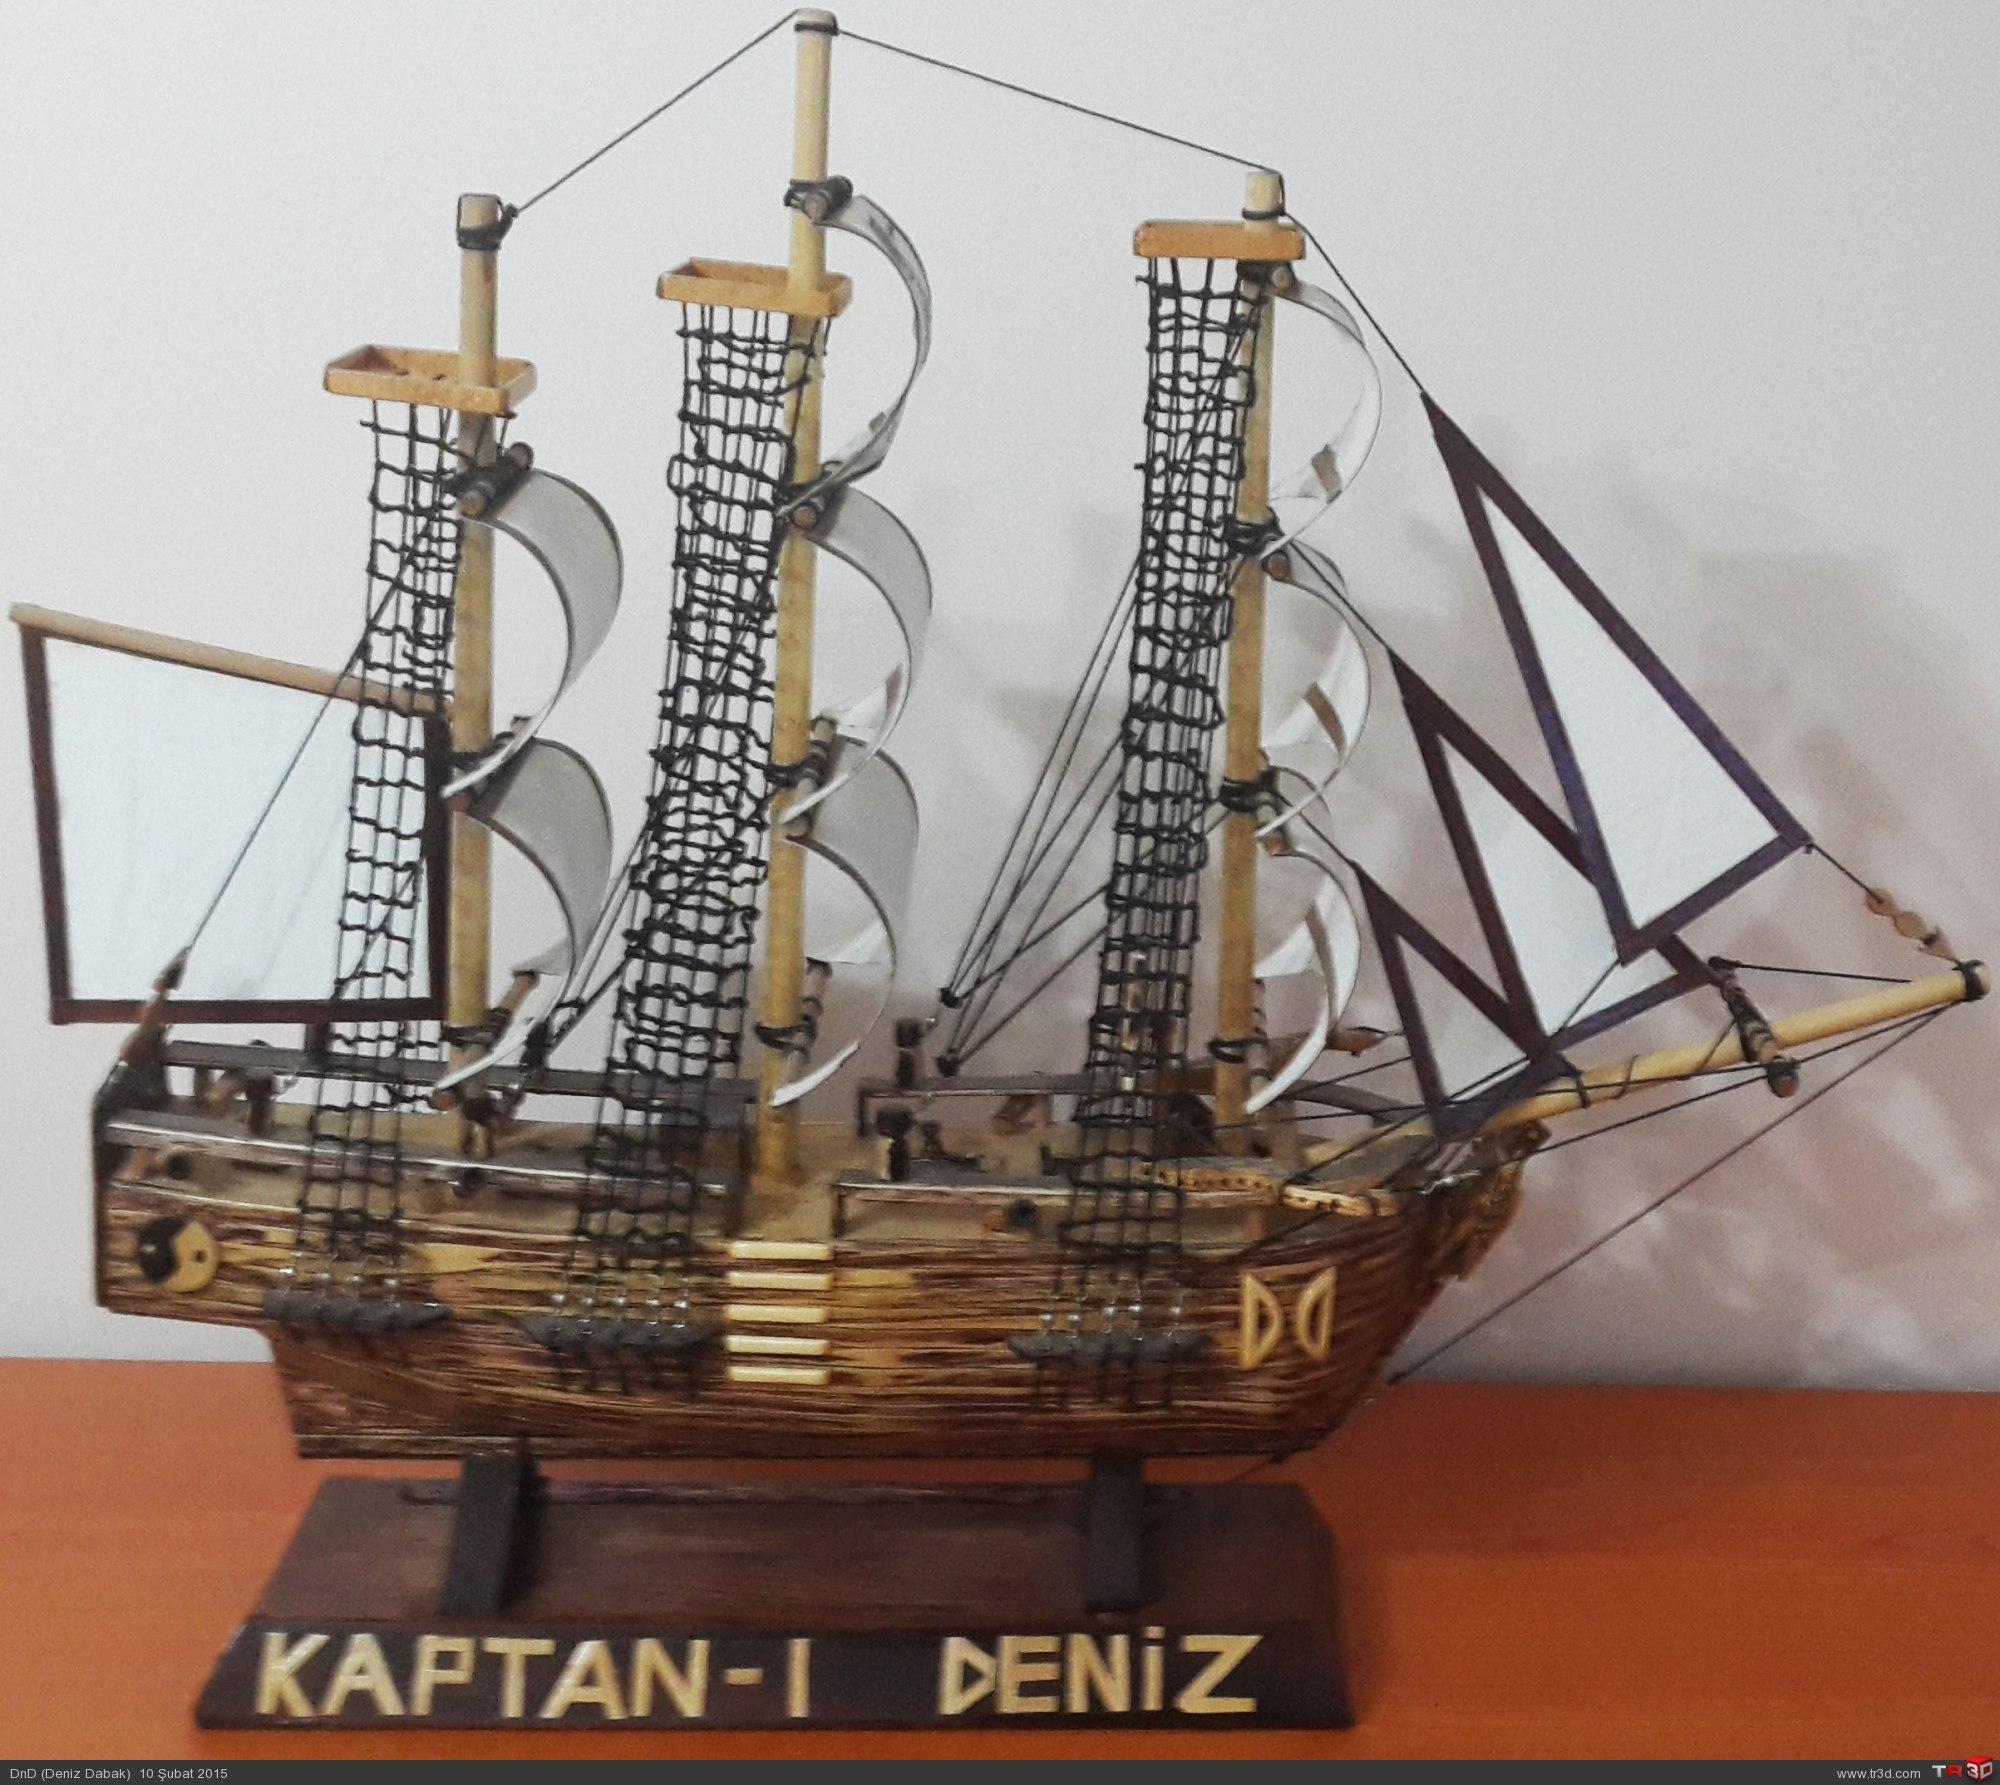 Kaptan_ı Deniz 4